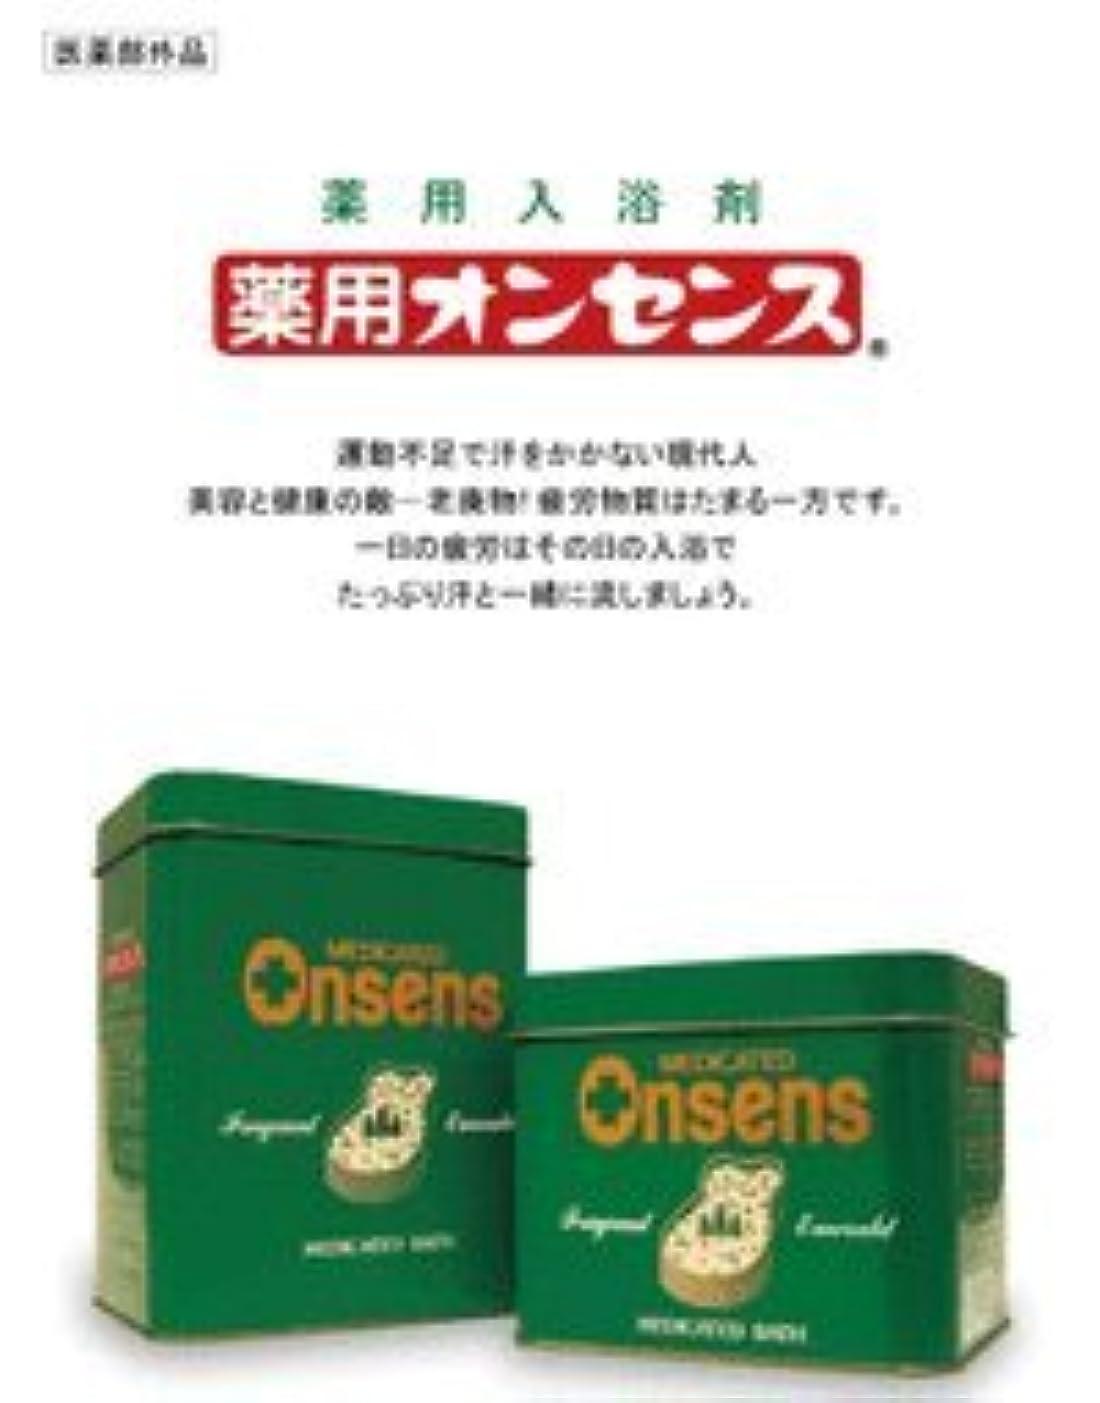 温室エンドテーブル放射する薬用オンセンス 1.4kg缶 薬用入浴剤 松葉エキス(松柏科植物の製油) 入浴剤 医薬部外品